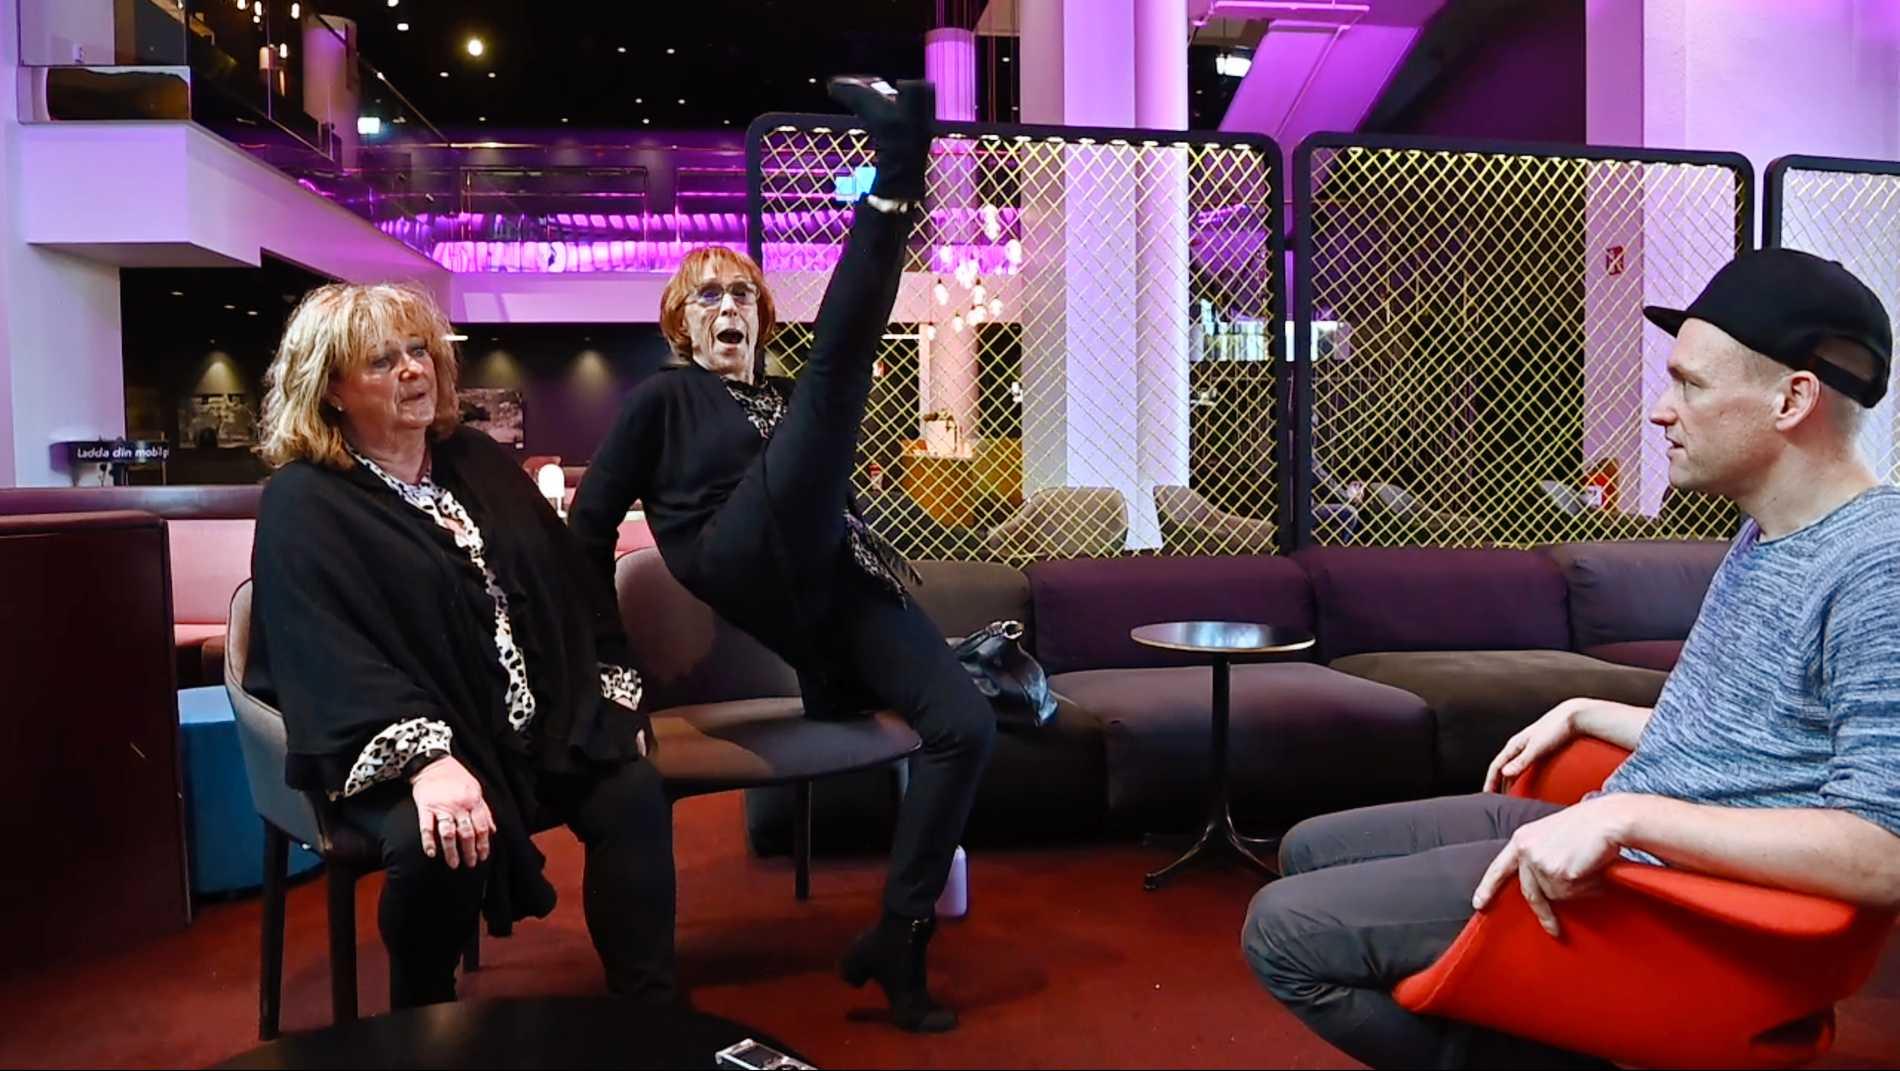 Eva Rydberg slänger ledigt upp benet rakt upp i luften i en spark inför Aftonbladets förvånade reporter Tobbe Ek